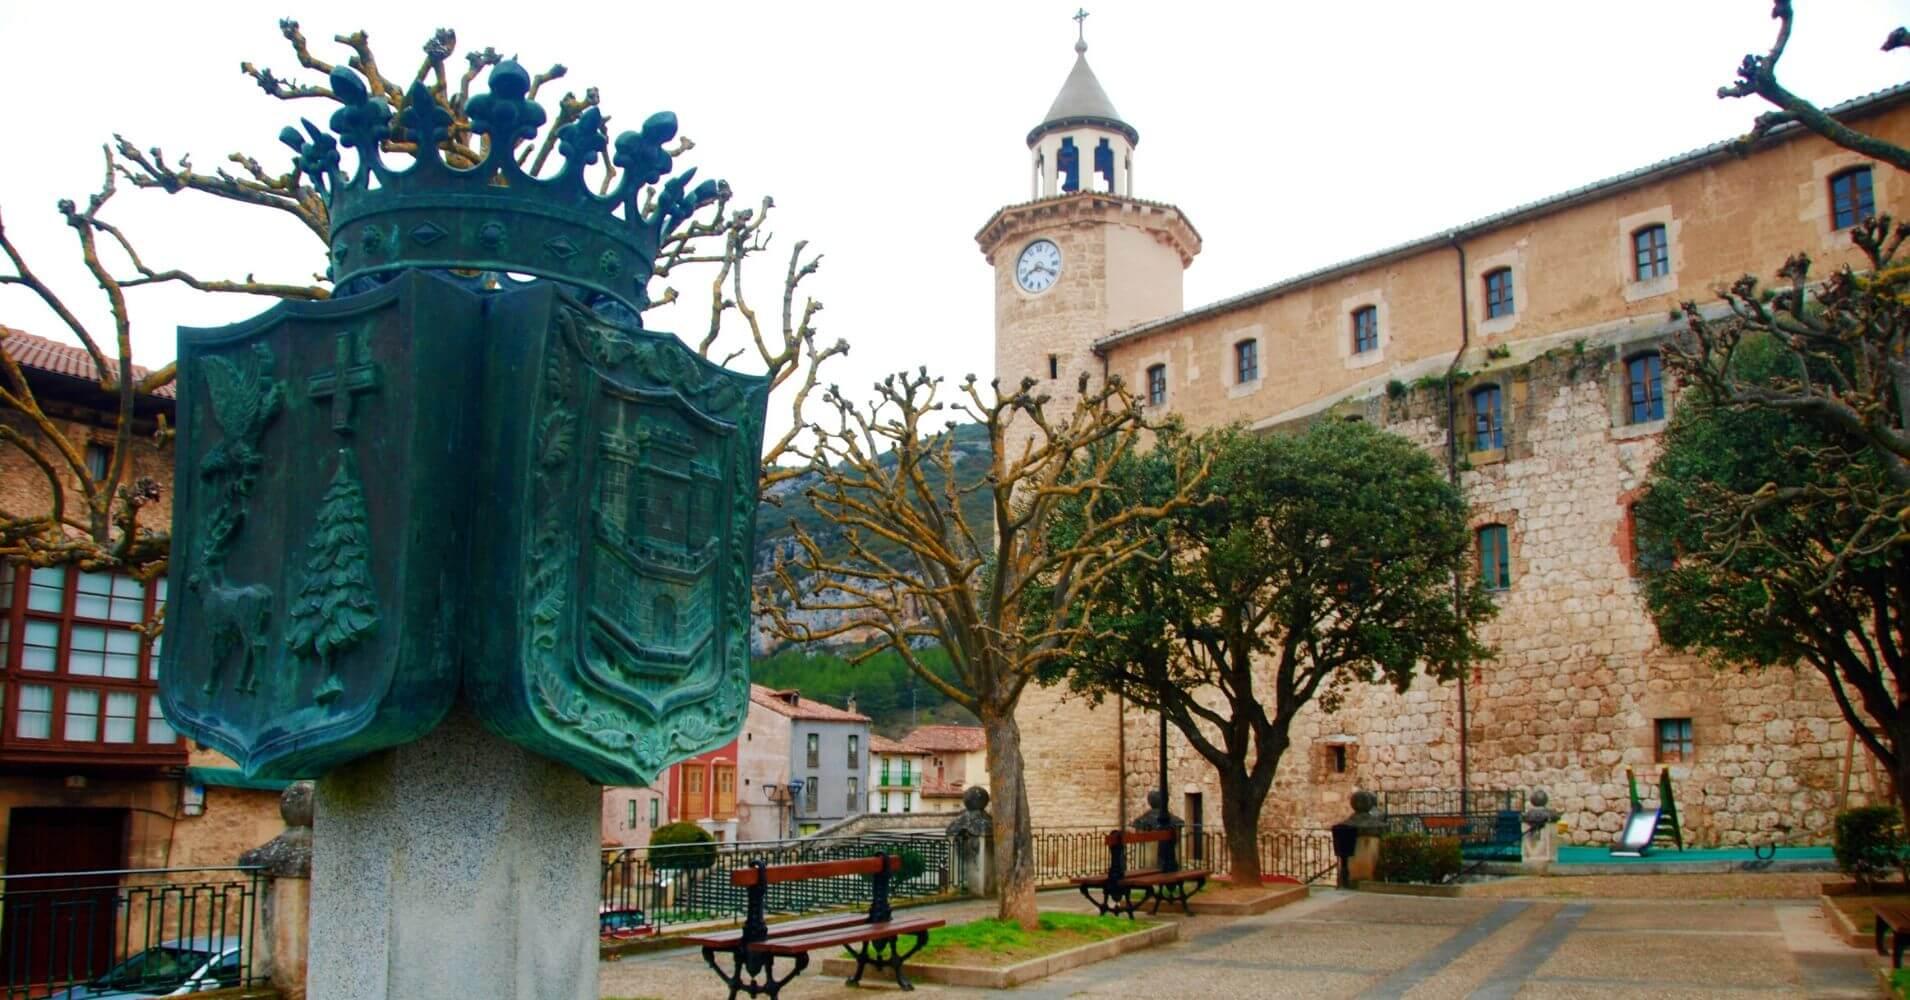 Villa milenaria de Oña. Las Merindades. Burgos. Castilla y León.